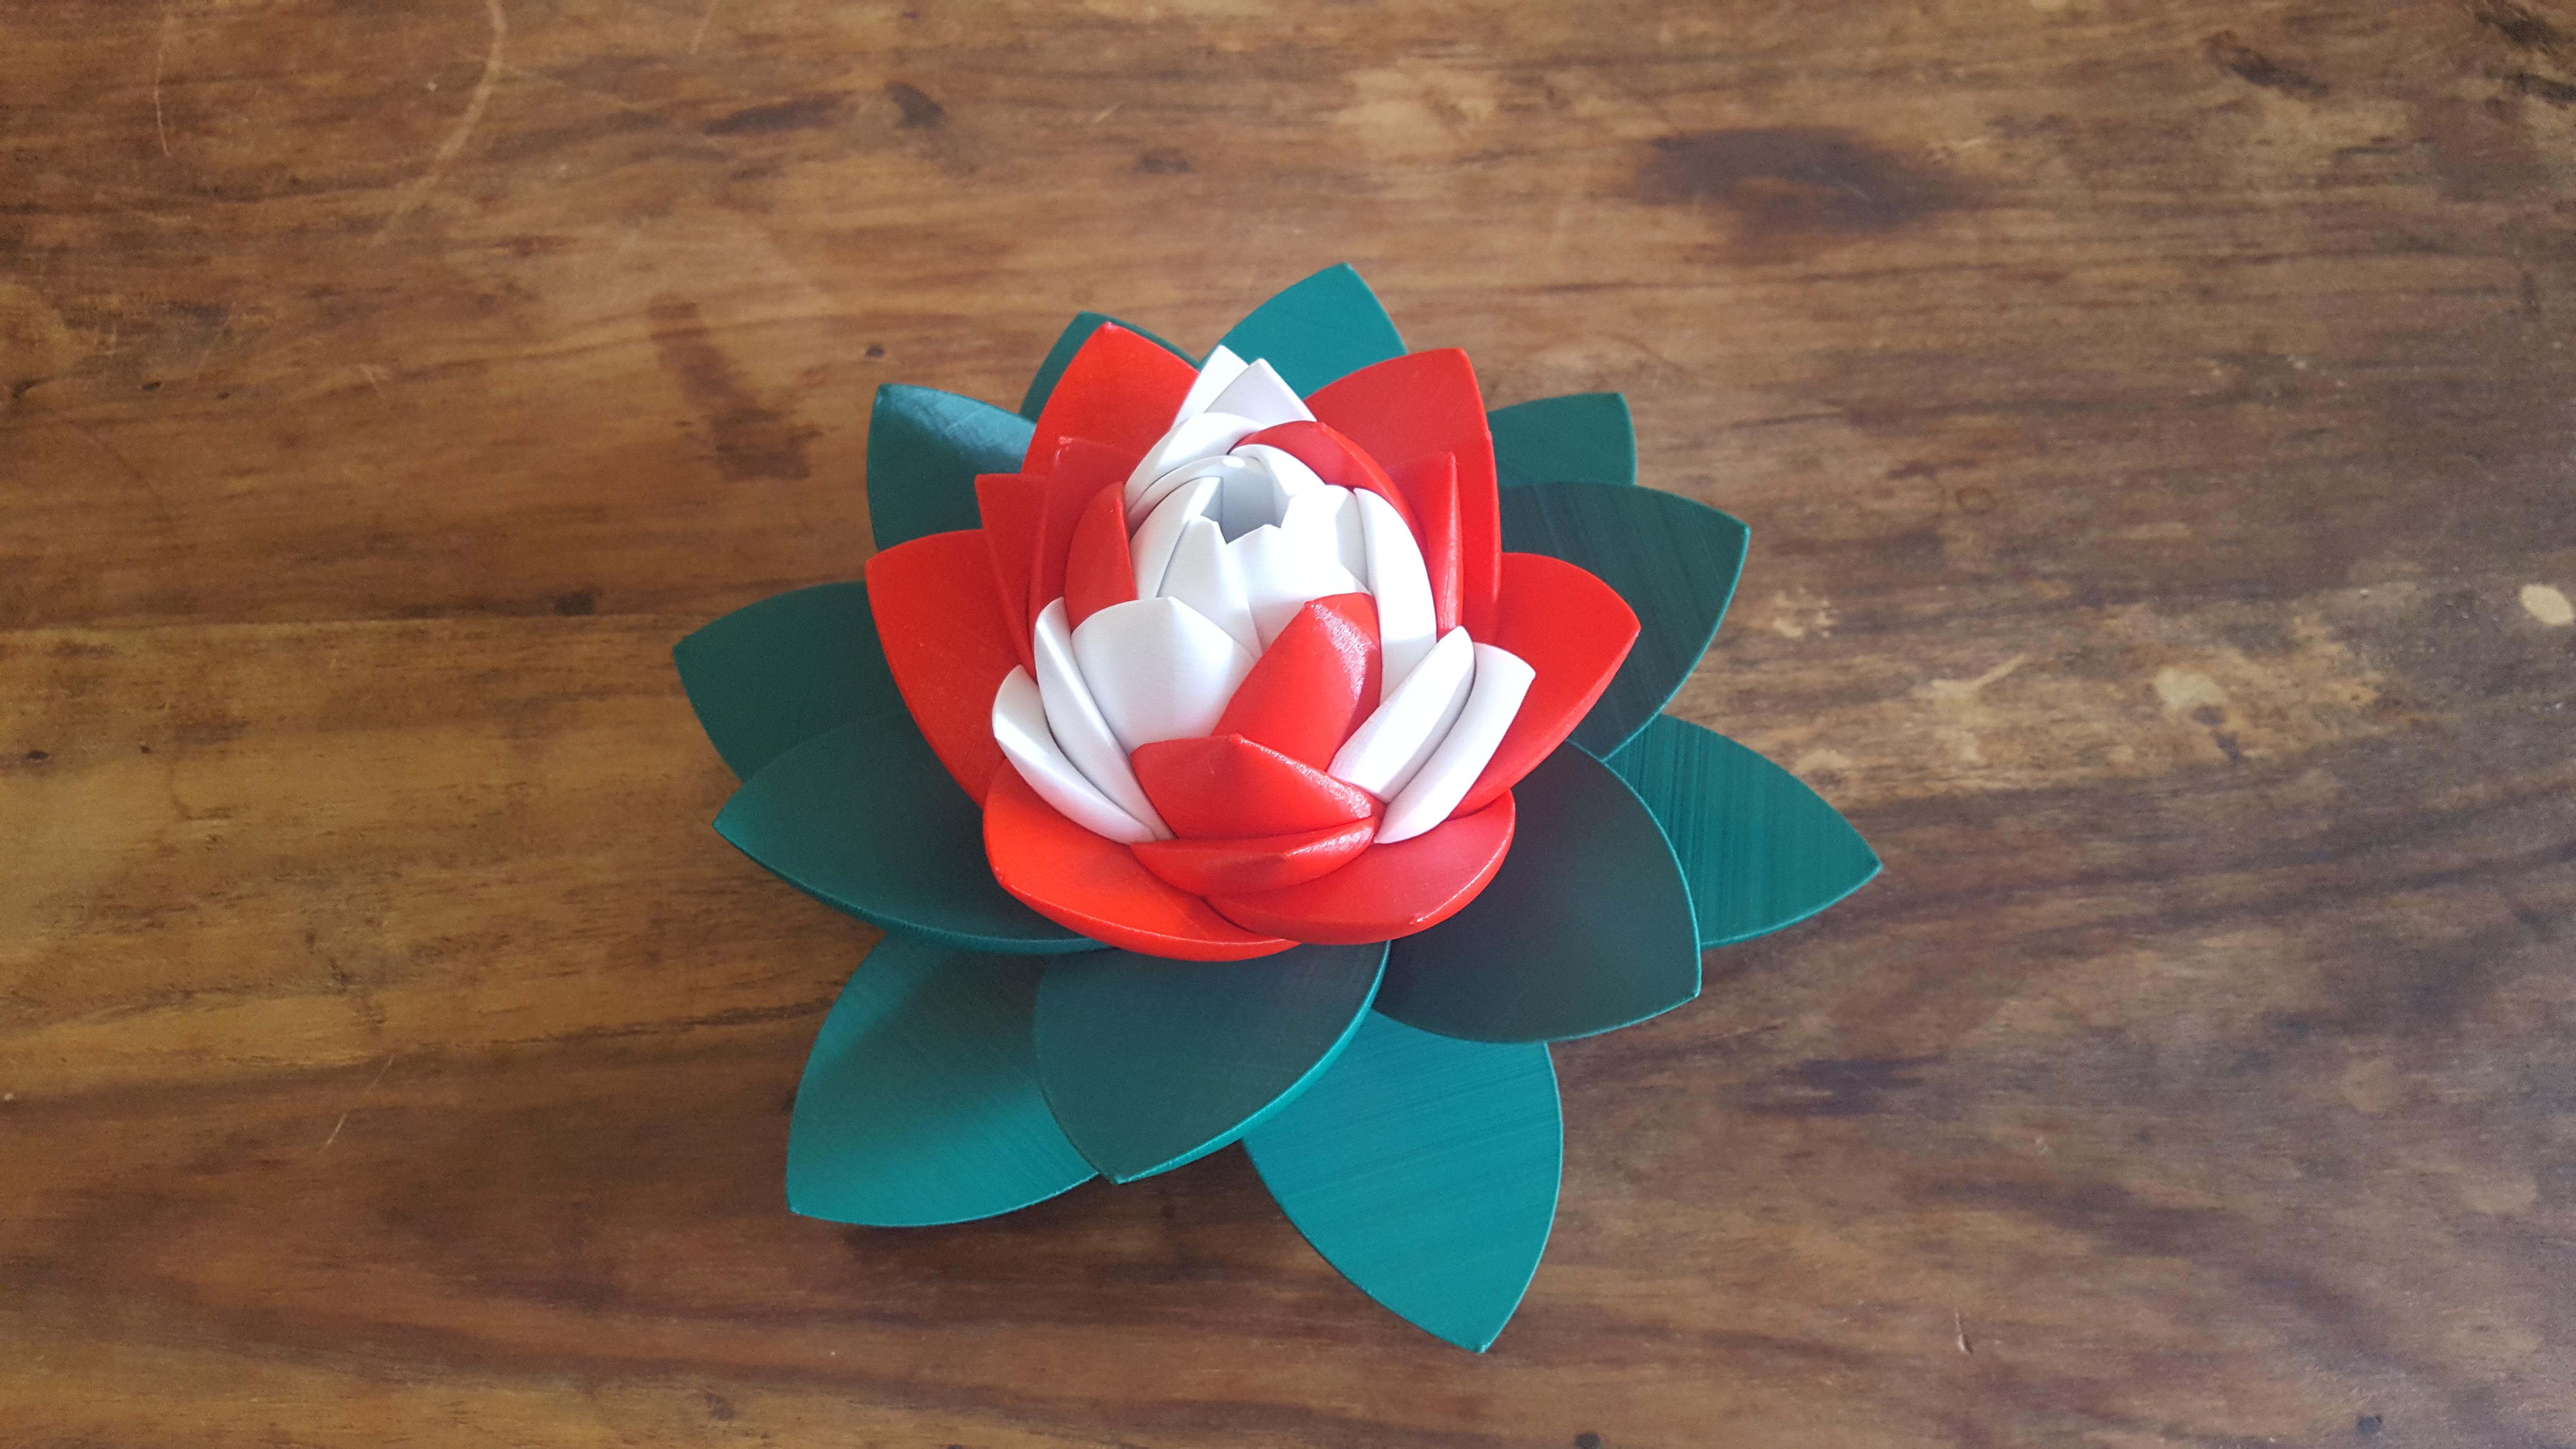 20190706_103820.jpg Download STL file Flower Puzzle • 3D print design, Job